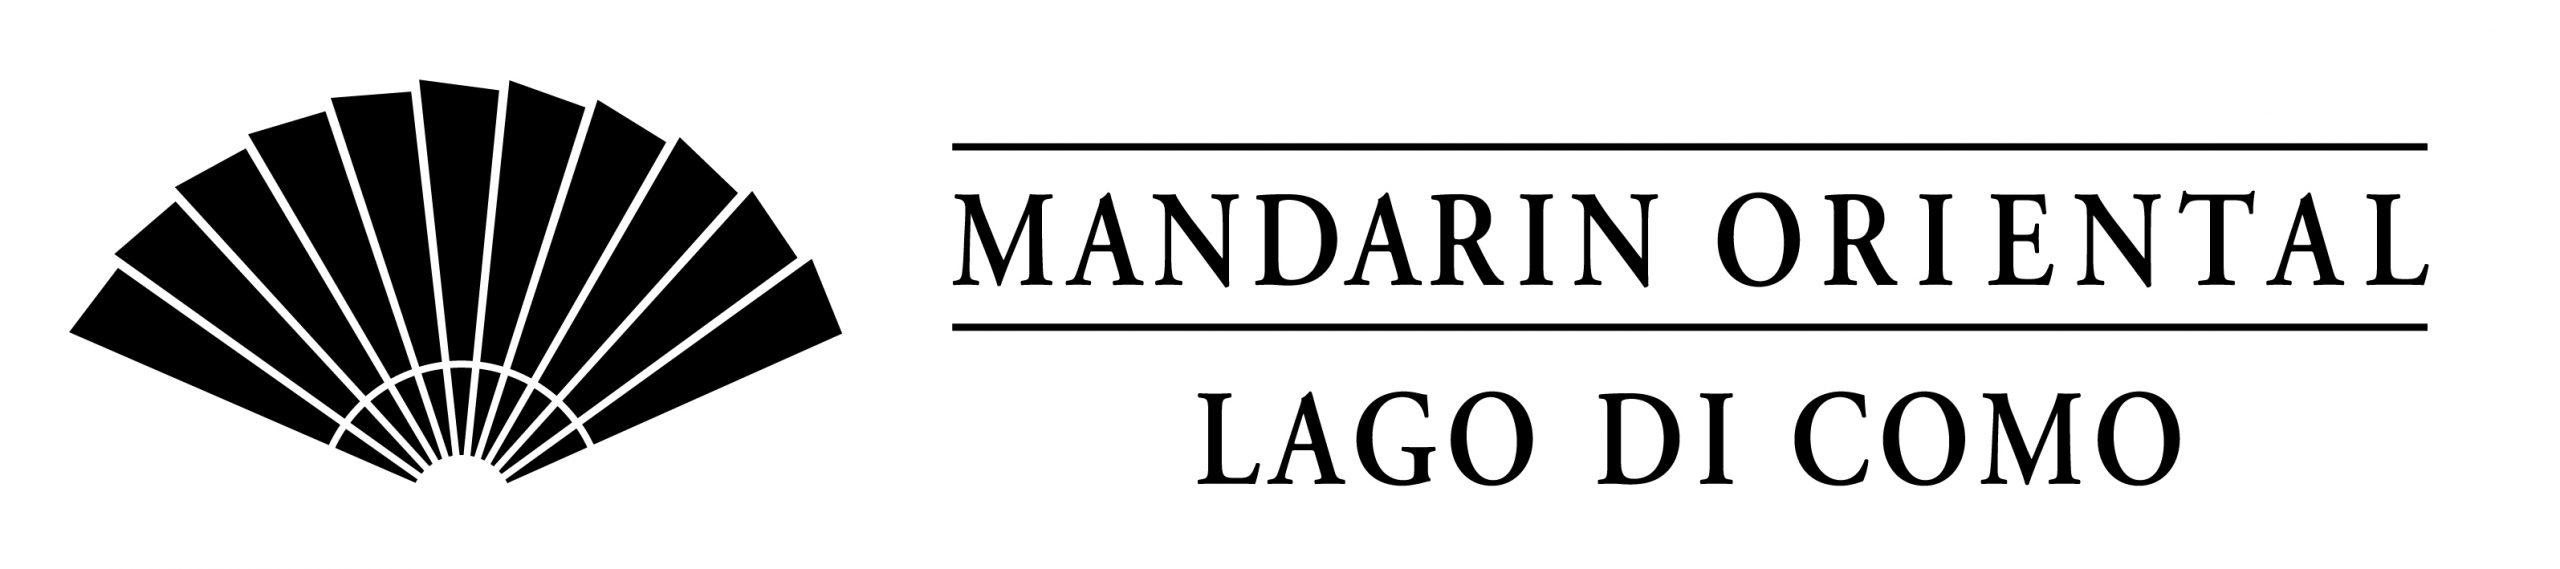 MOCMO_side blk logo